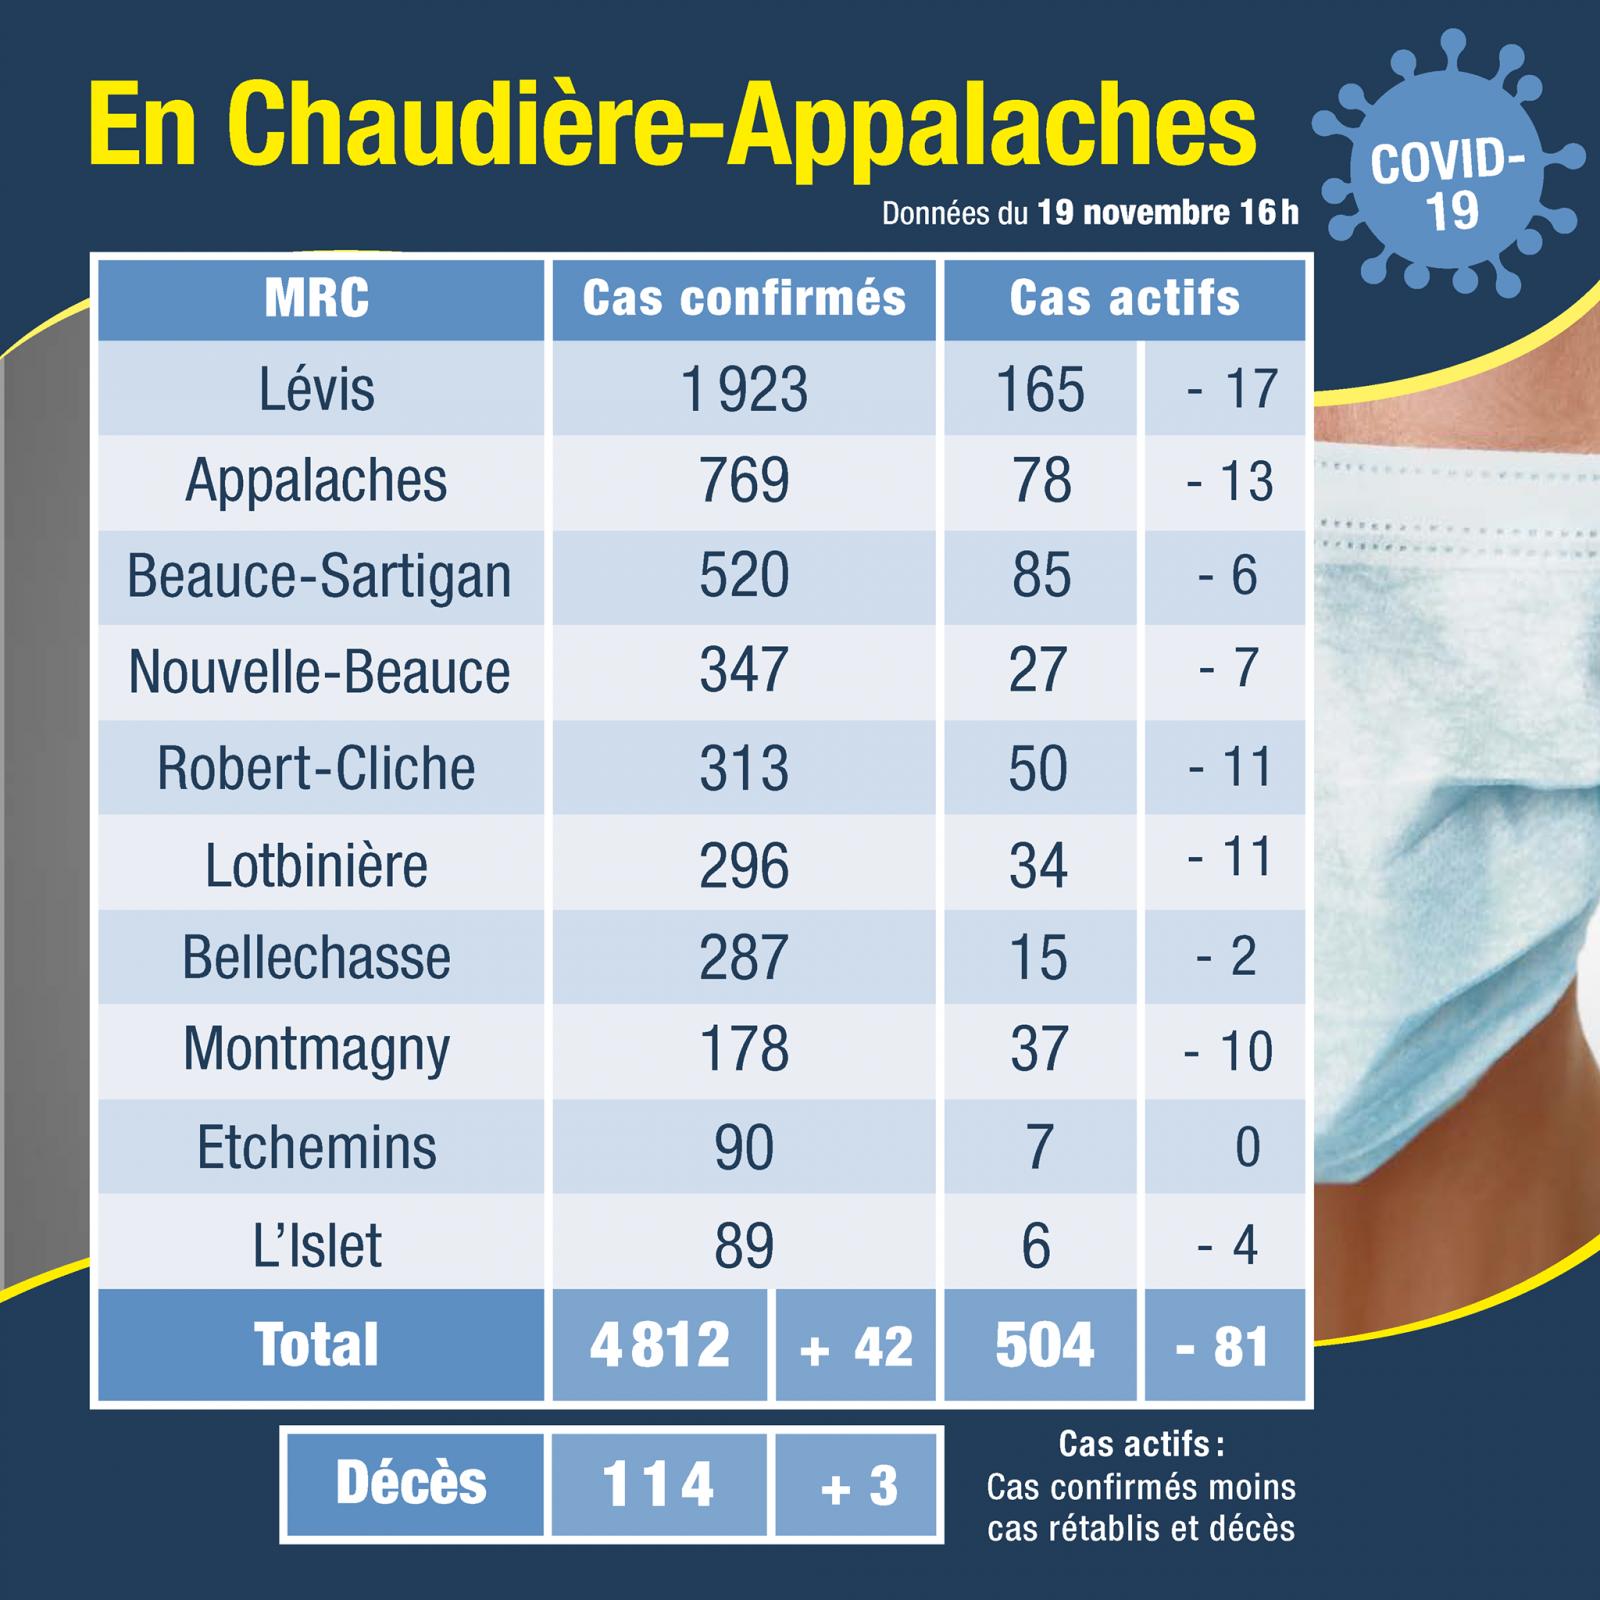 42 nouveaux cas confirmés en Chaudière-Appalaches